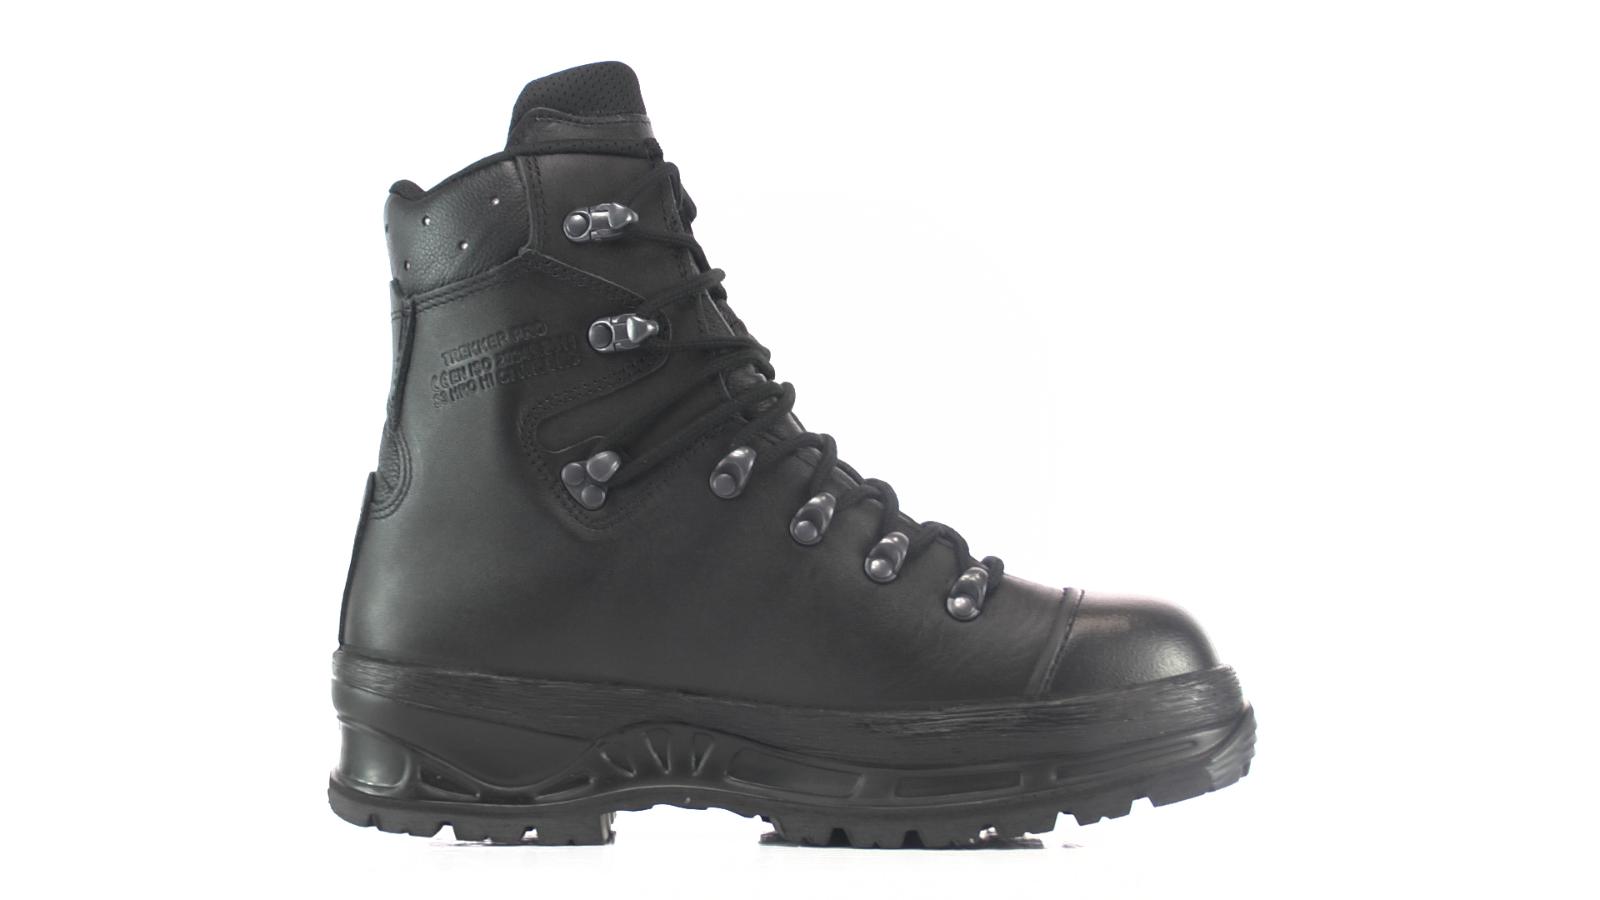 HAIX TREKKER Scarpe 602002 Gore-Tex Impermeabile Scarpe TREKKER Sicurezza Puntale d'Acciaio f13c32